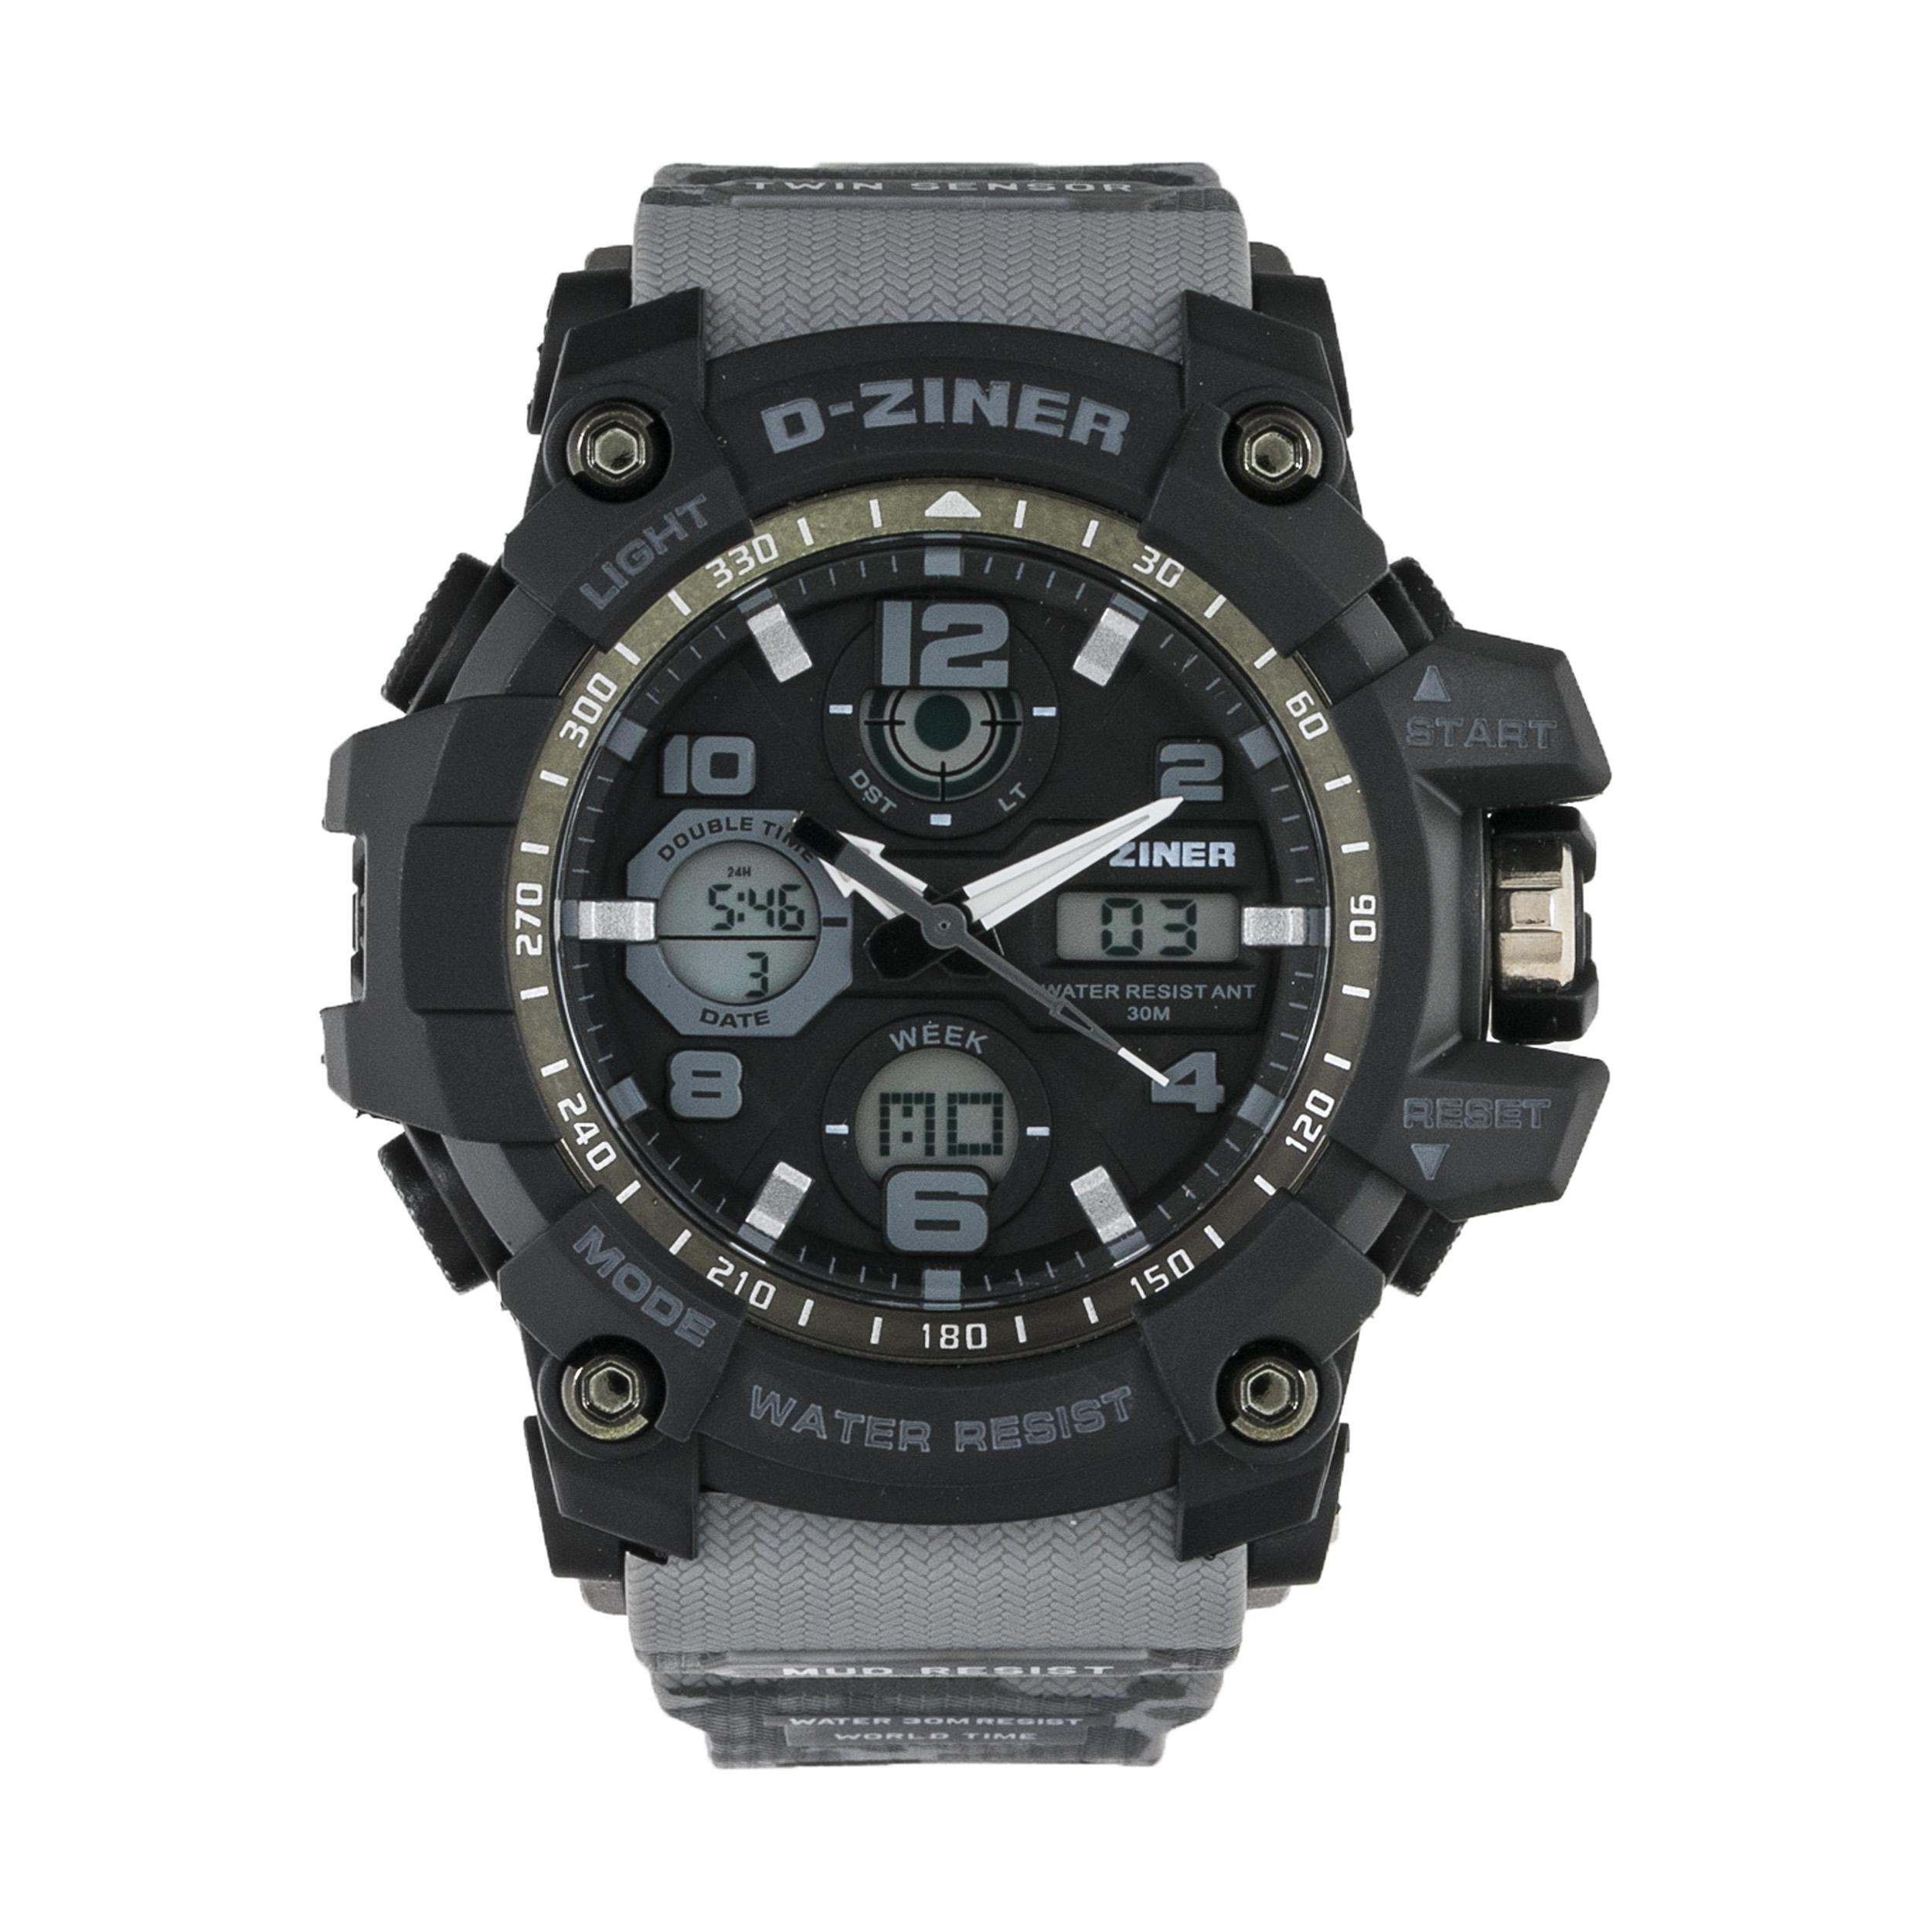 ساعت مچی عقربه ای مردانه دیزاینر مدل D-Z7007 28